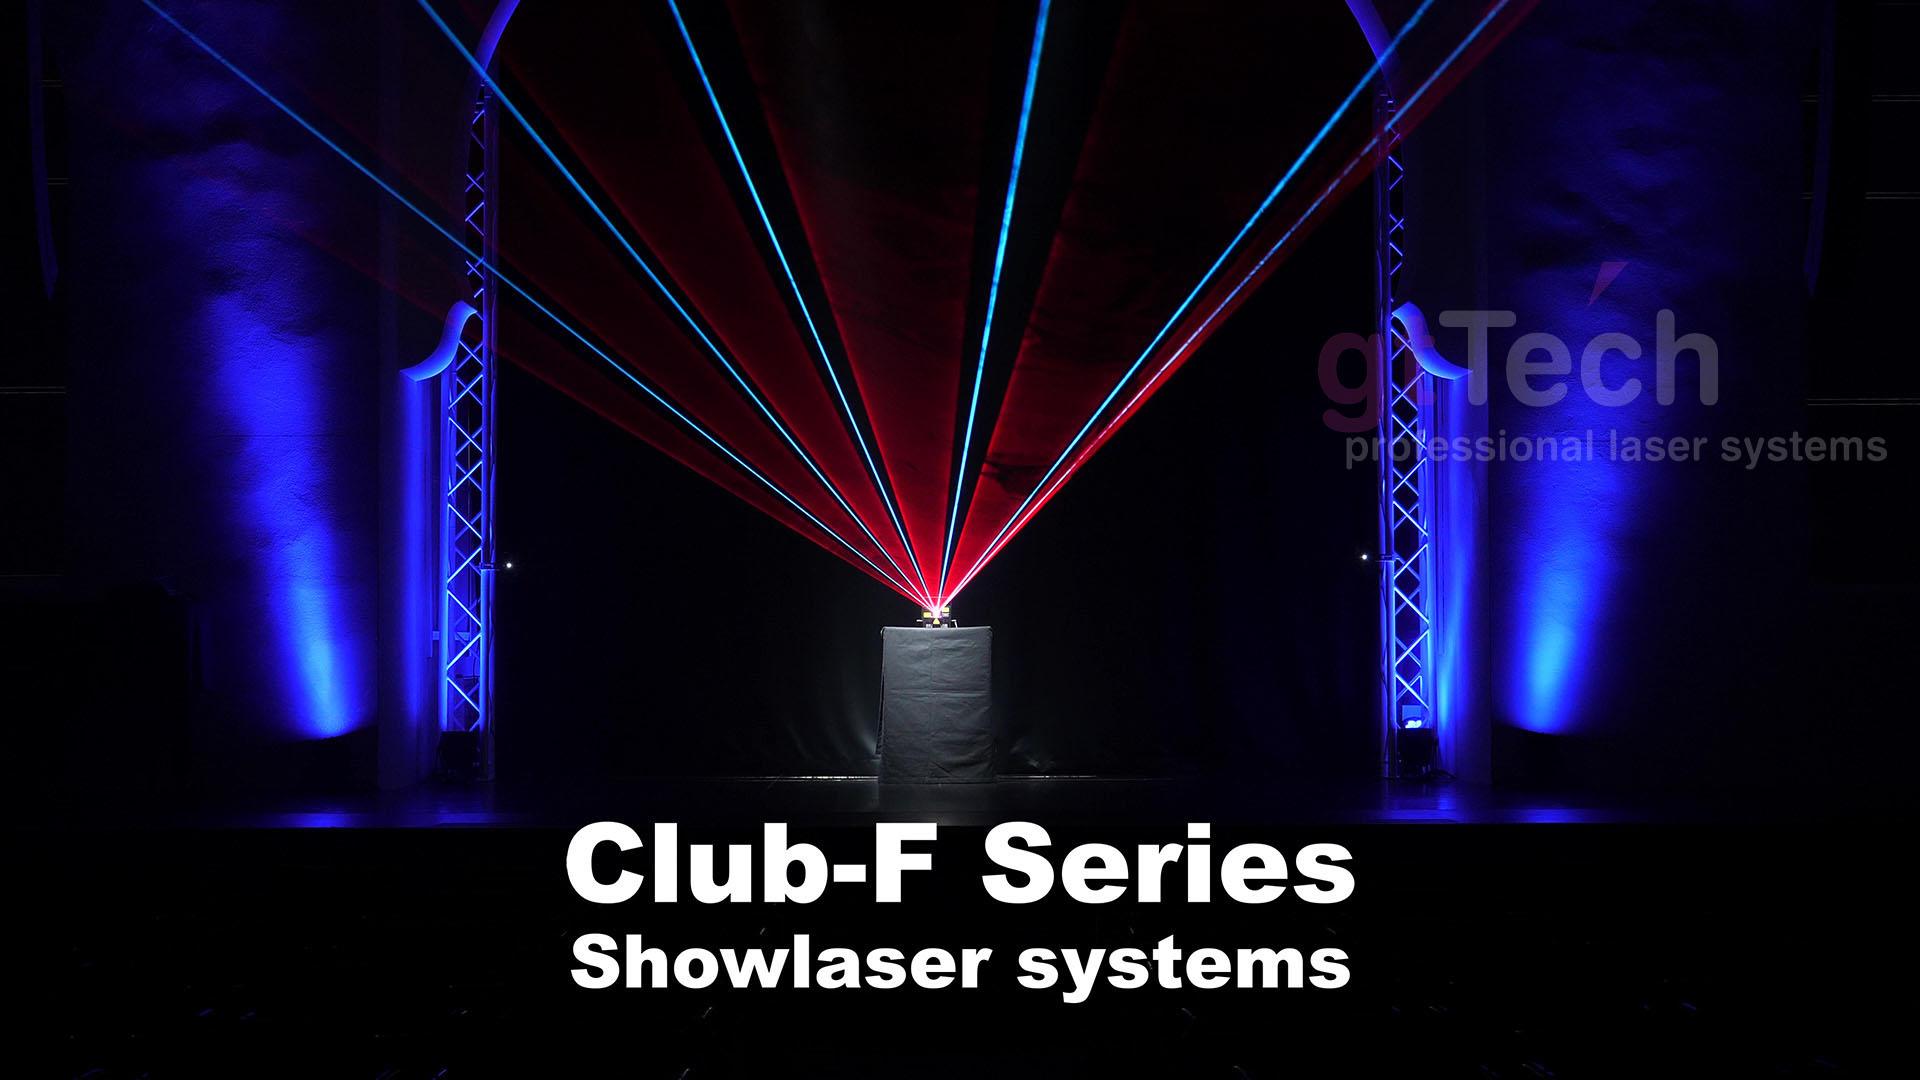 RGB Showlaser Club-F-Serie Ausgabebild